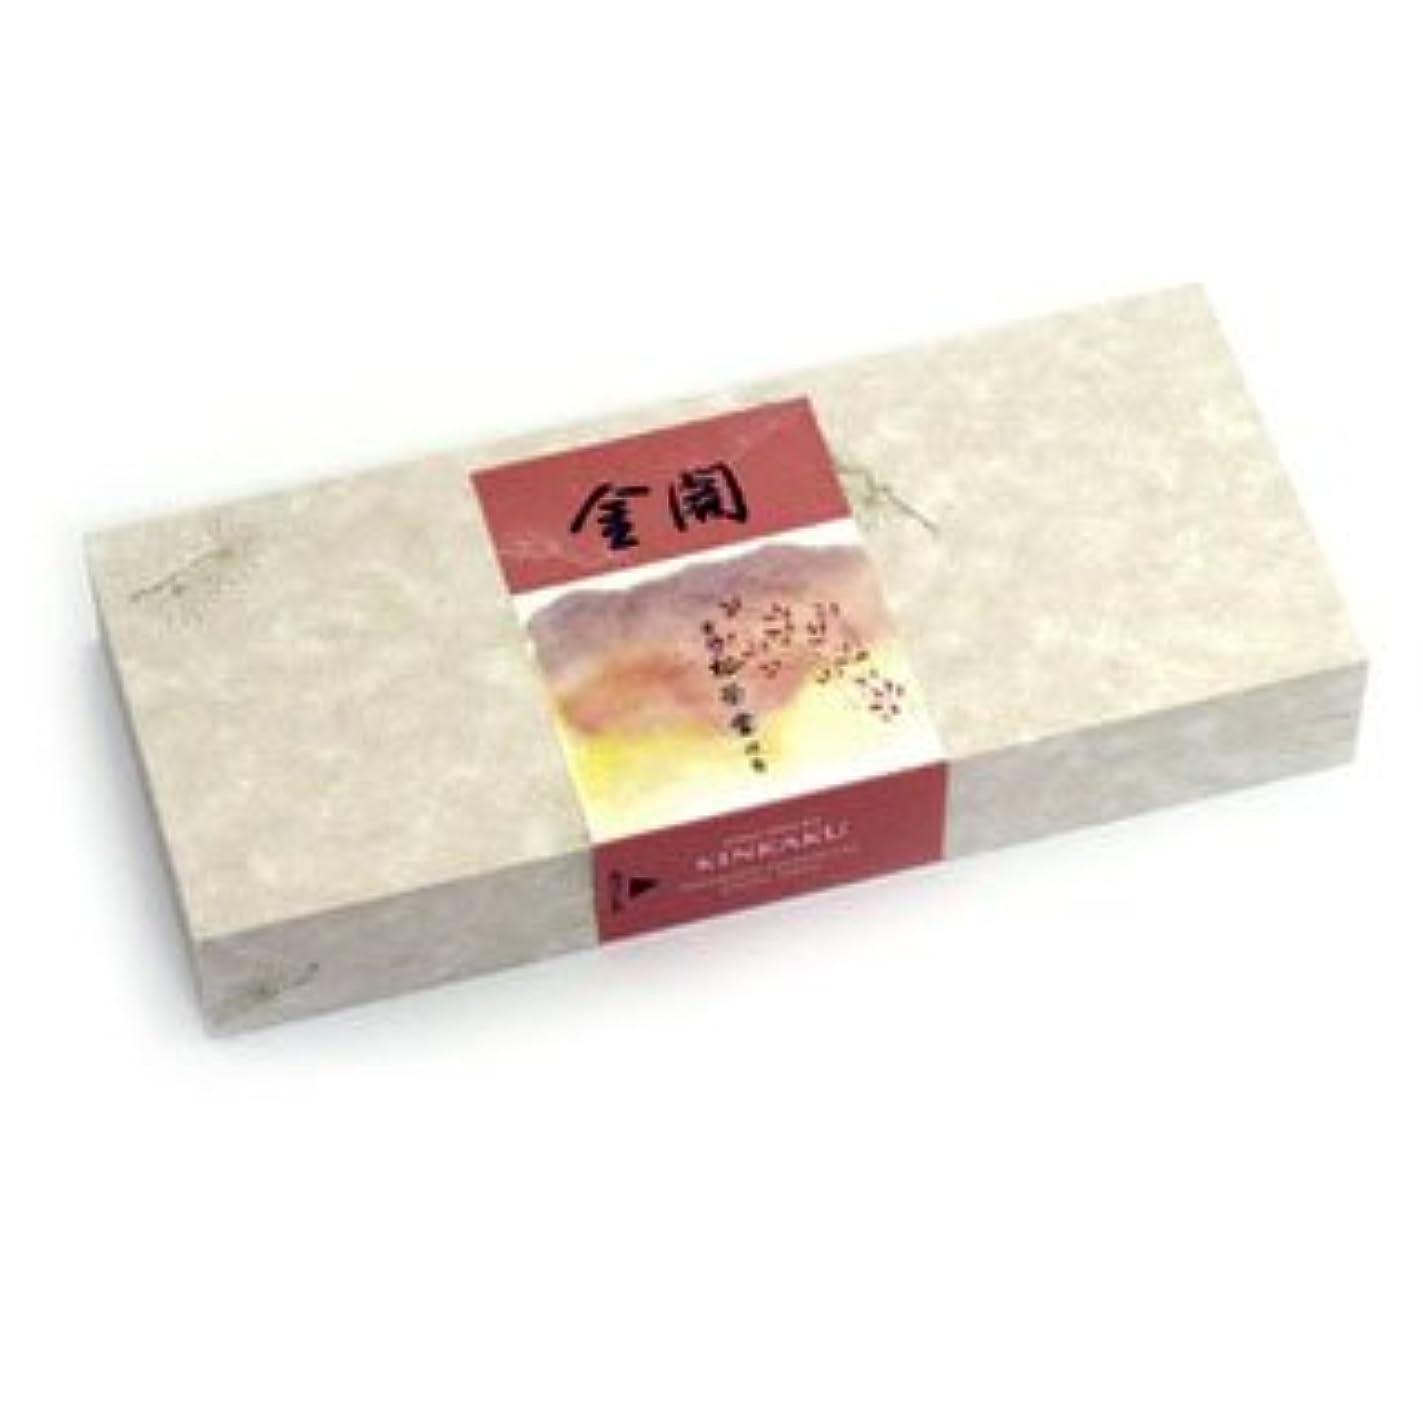 蓮共役謝罪するShoyeido 's Golden Pavilion Incense、150 sticks – kin-kaku